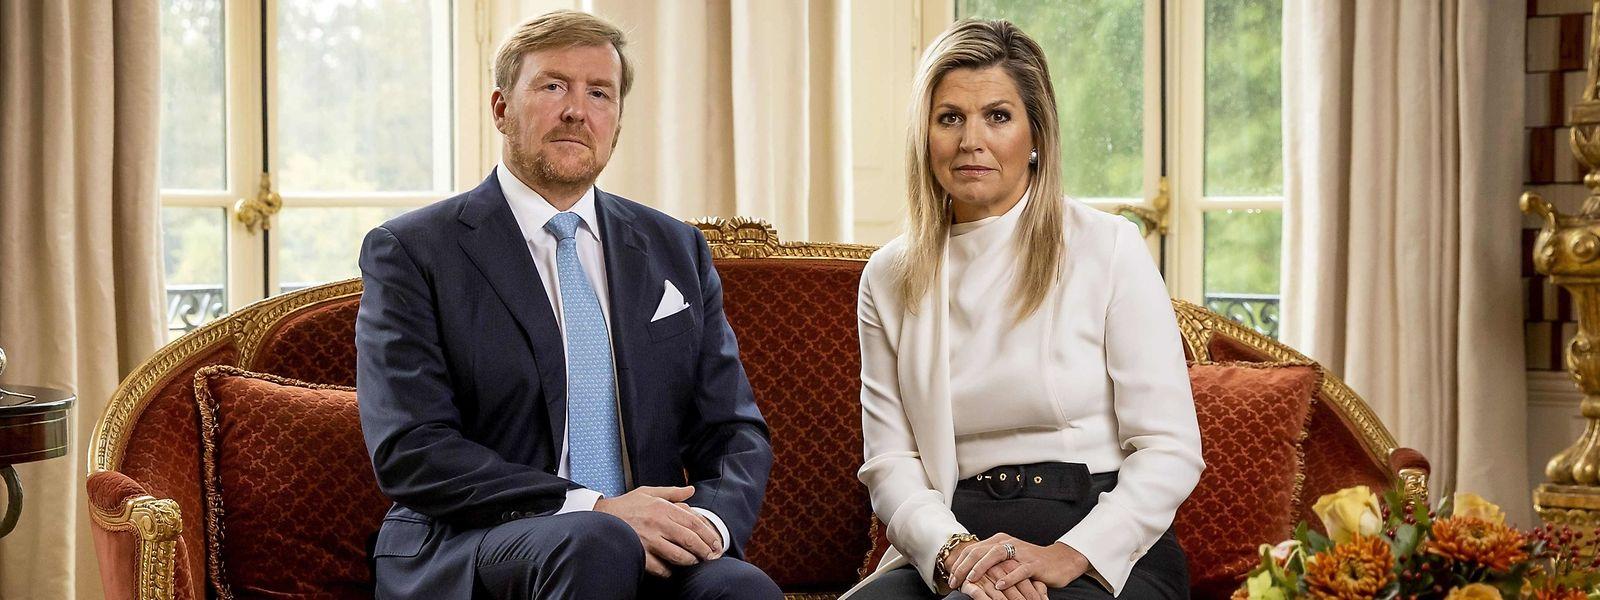 König Willem-Alexander und seine Frau Maxima.